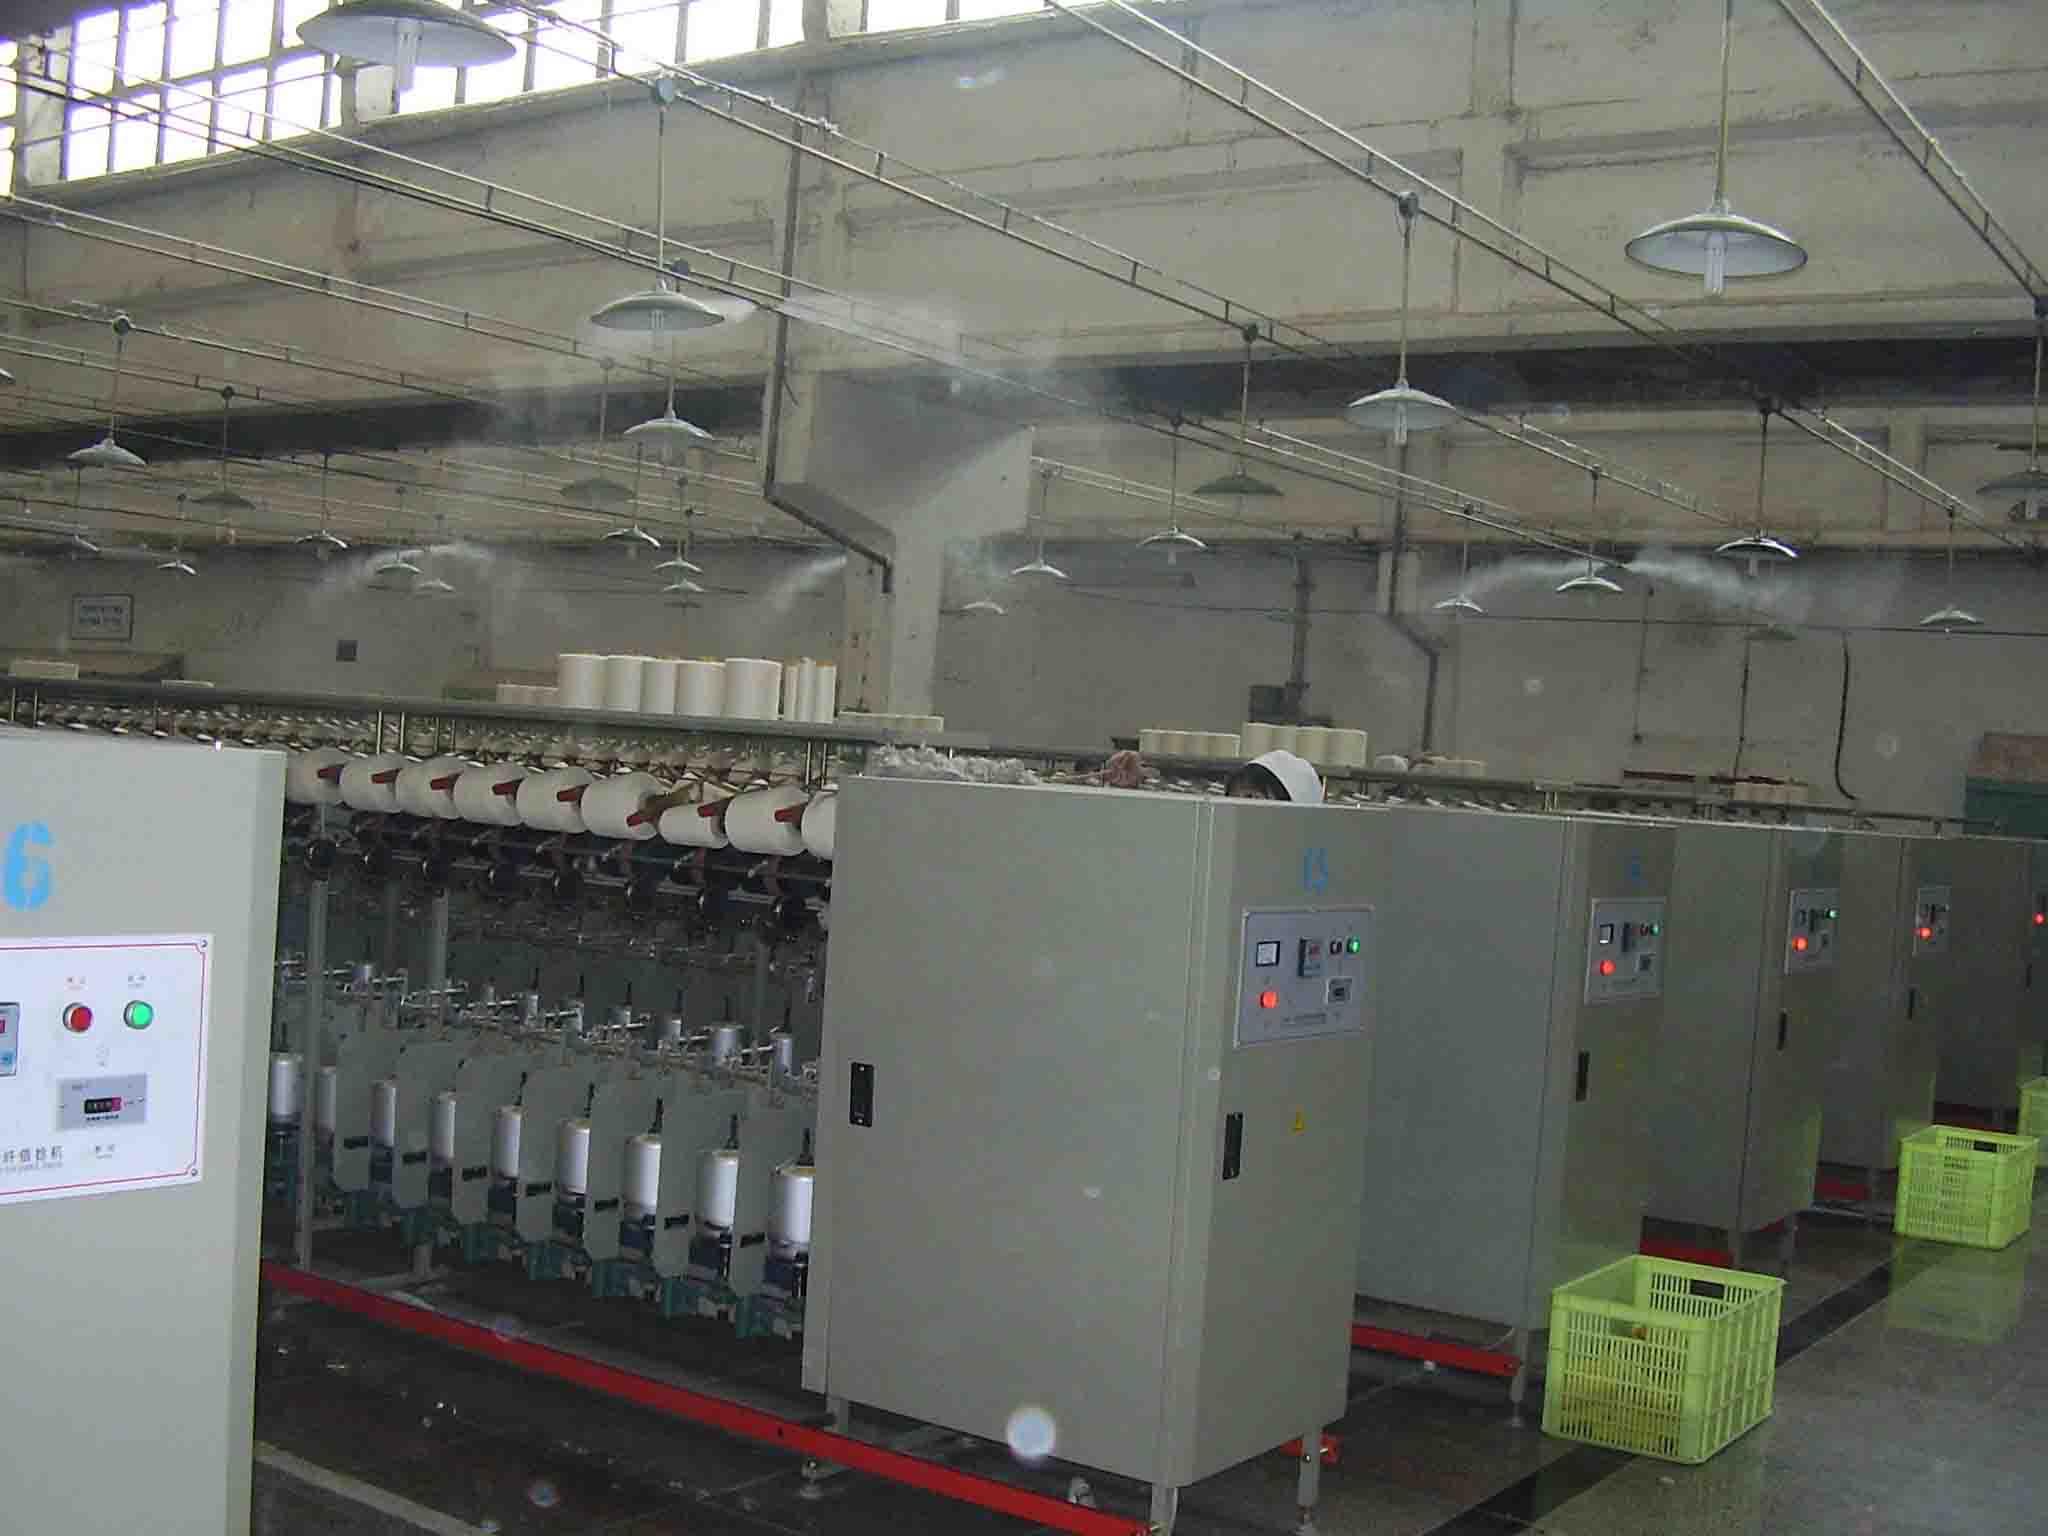 养鸡养猪场降温消毒加湿/大型养殖场喷雾降温系统/大型喷雾设备 厂房